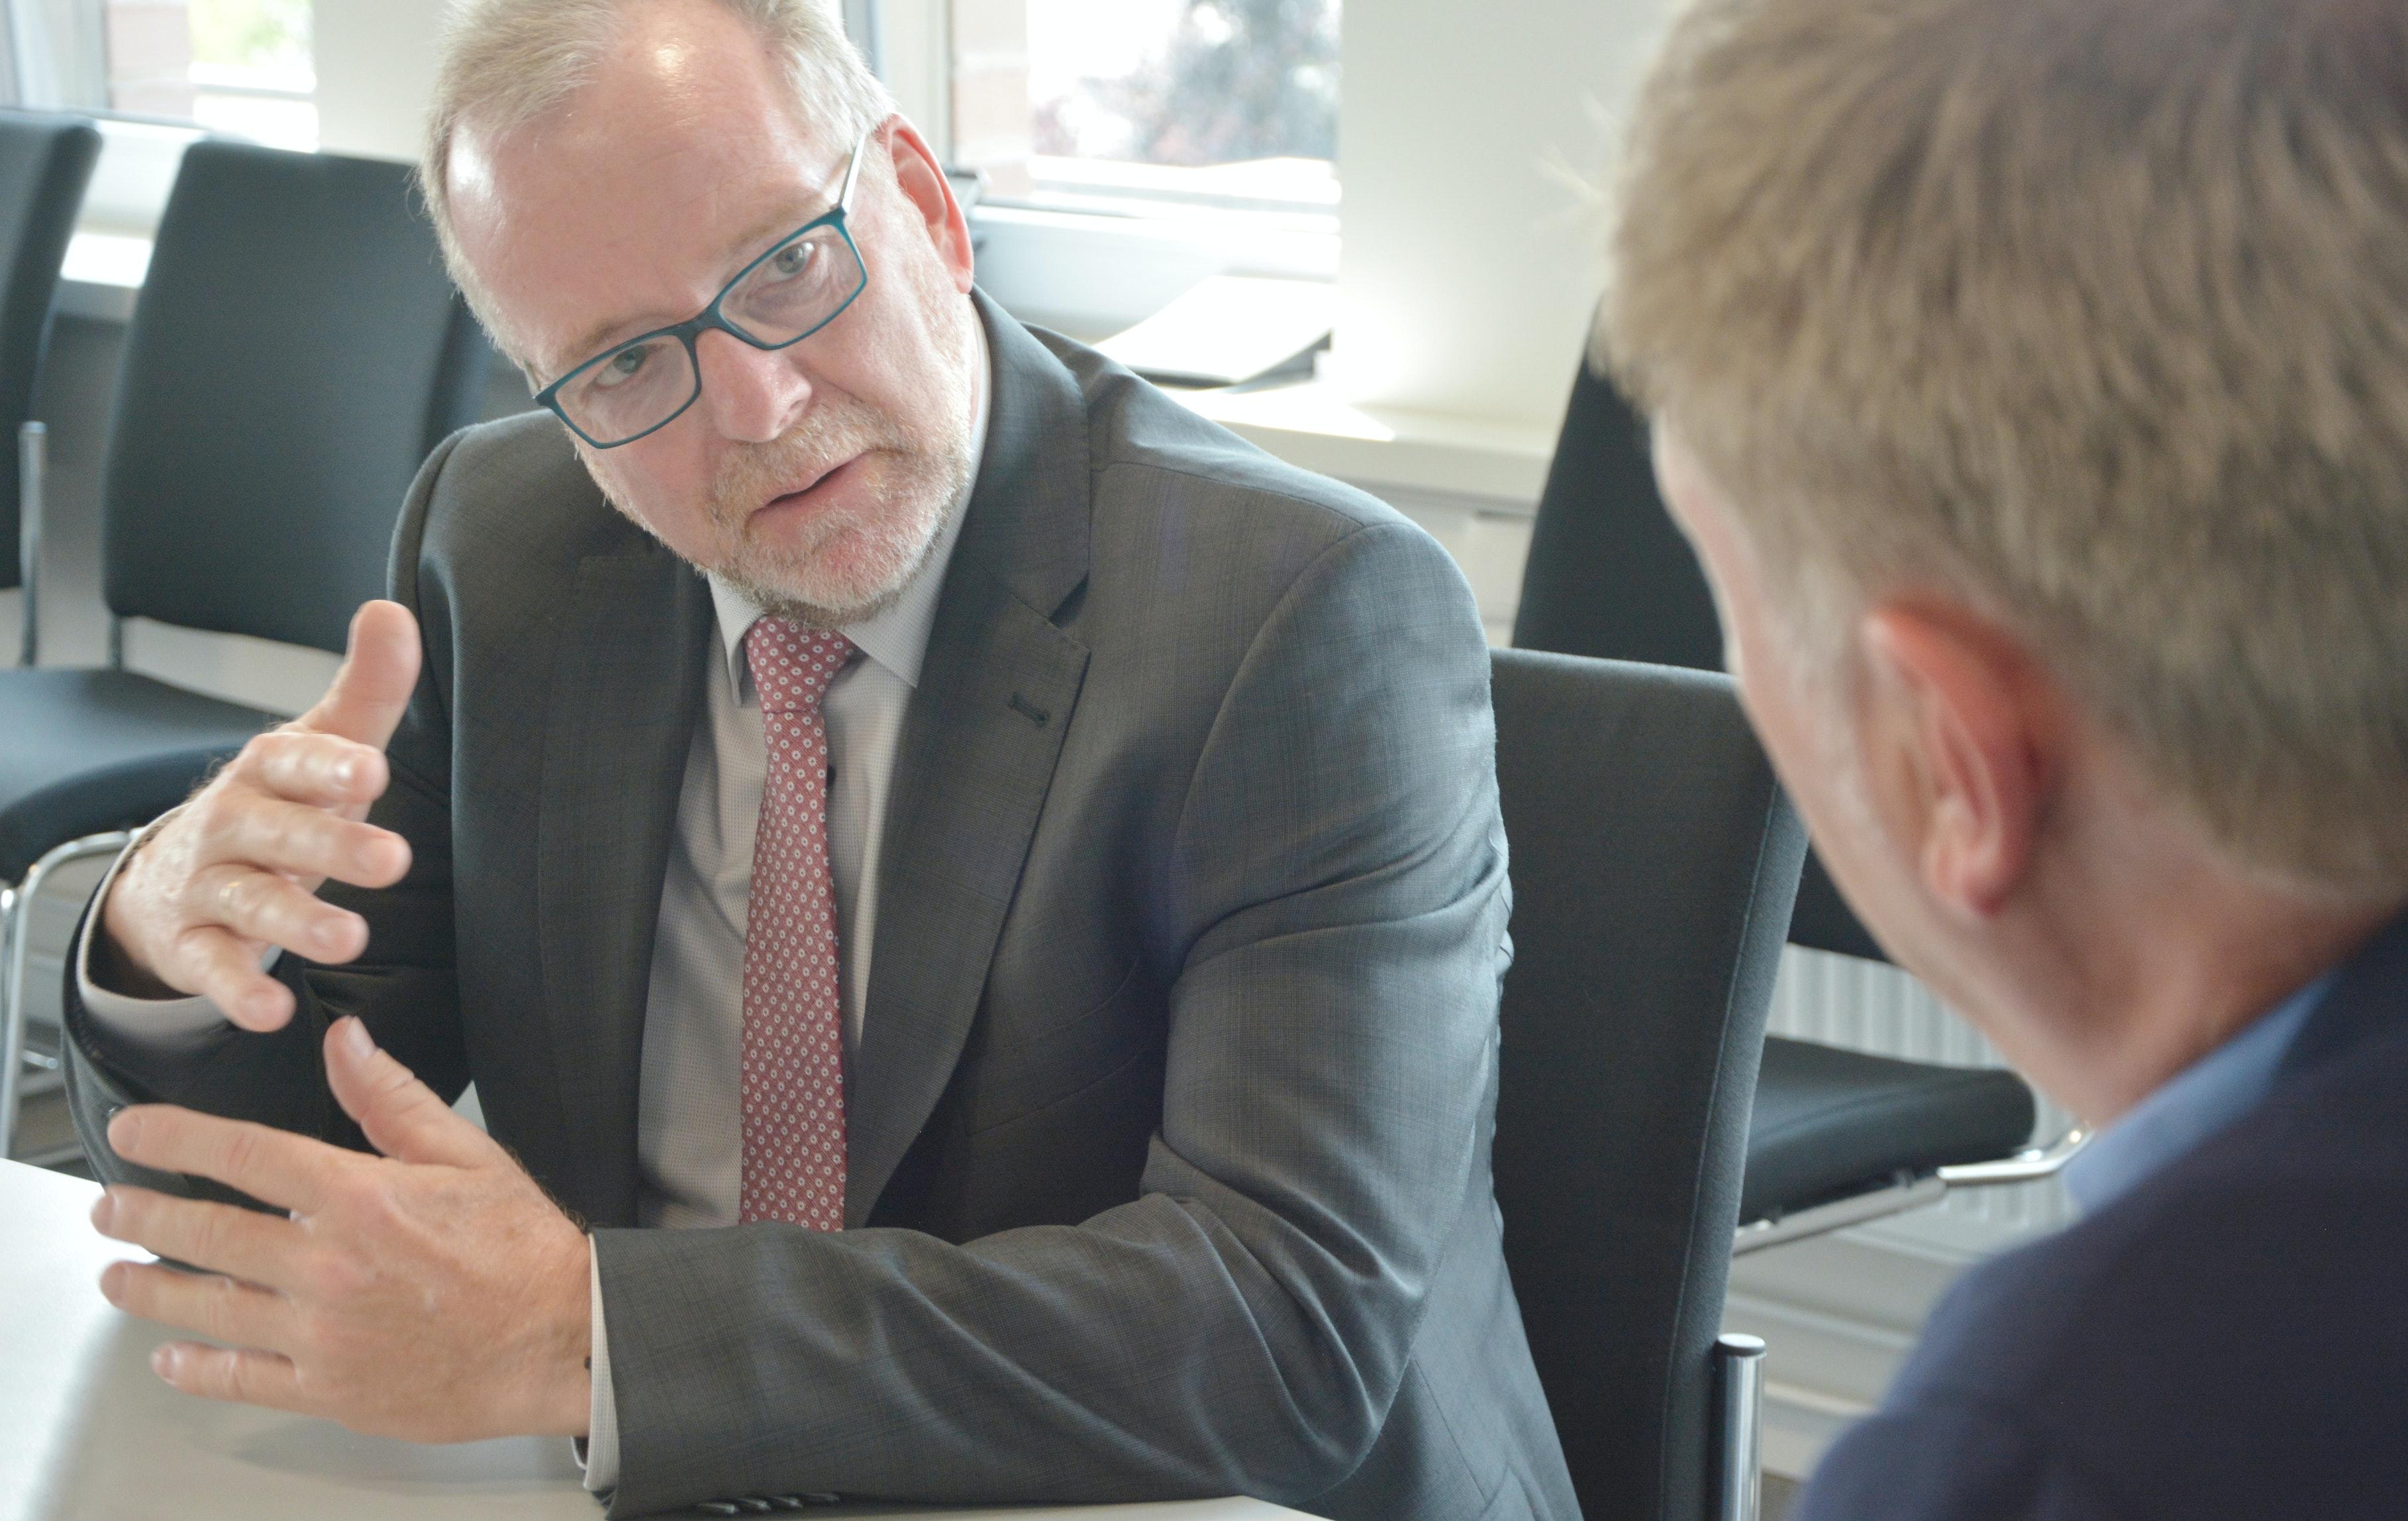 Bestätigt eine Verstärkung der Polizeipräsenz: Polizeipräsident Johann Kühme (links) im Gespräch mit Chefredakteur Julius Höffmann. Foto: Hermes